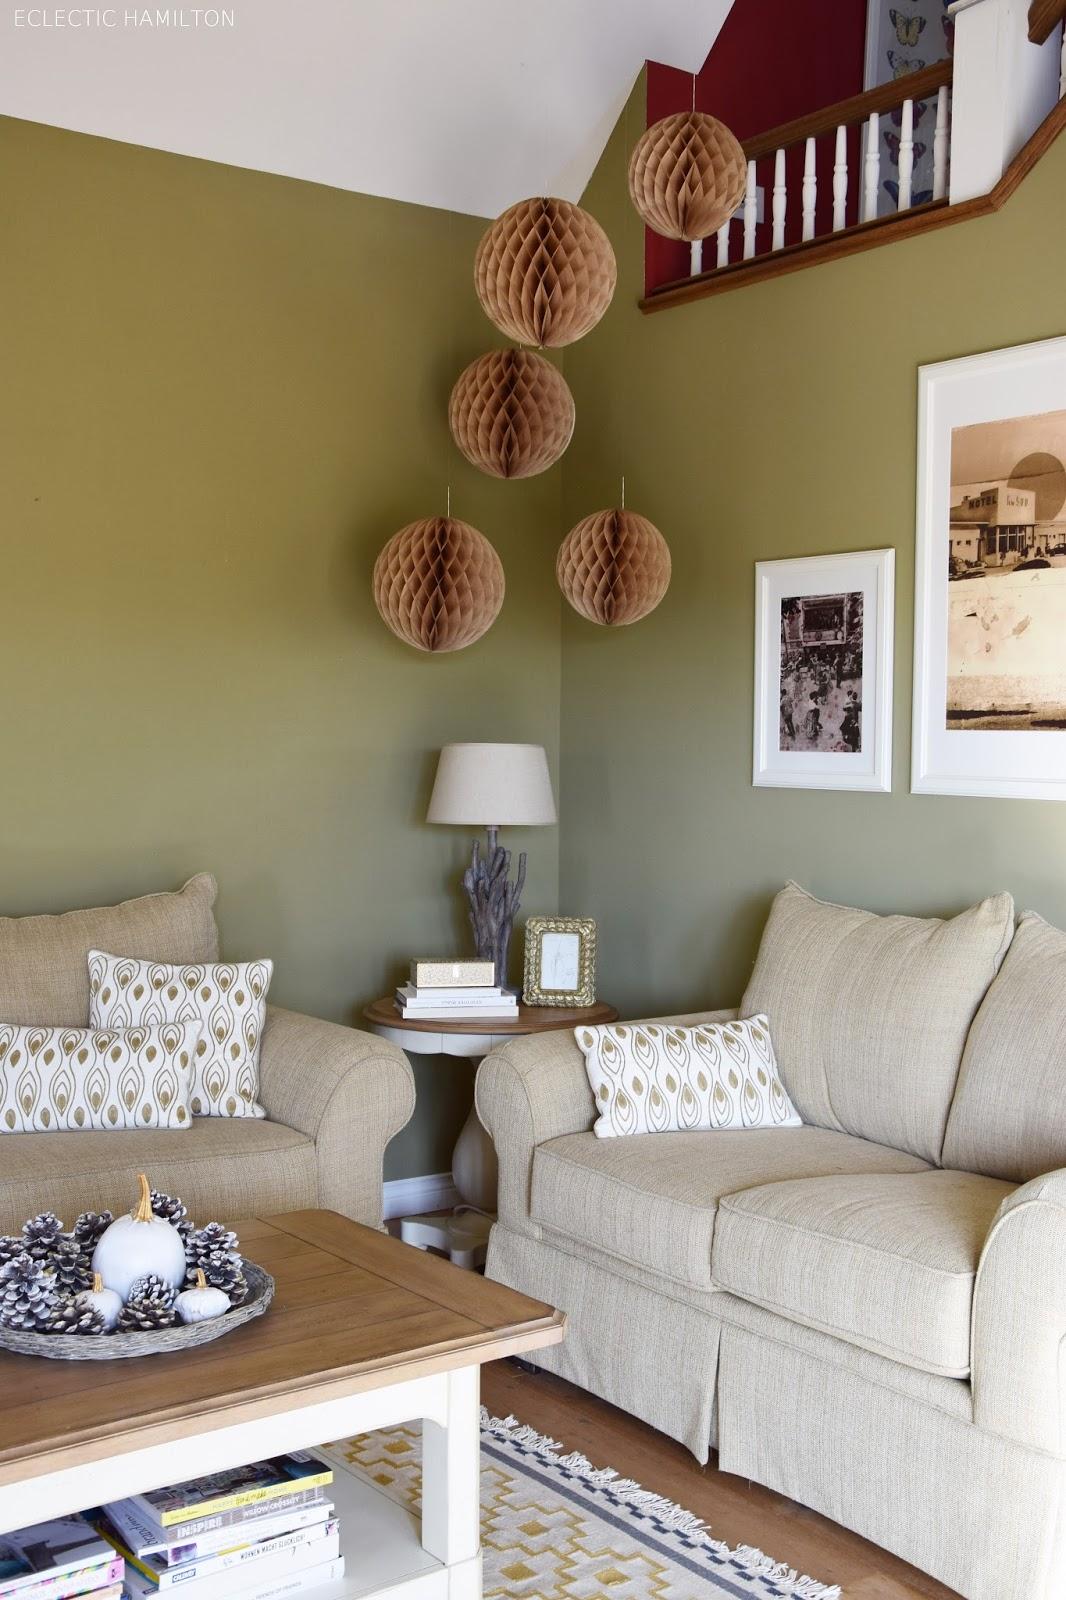 Neue deko fürs wohnzimmer   eclectic hamilton